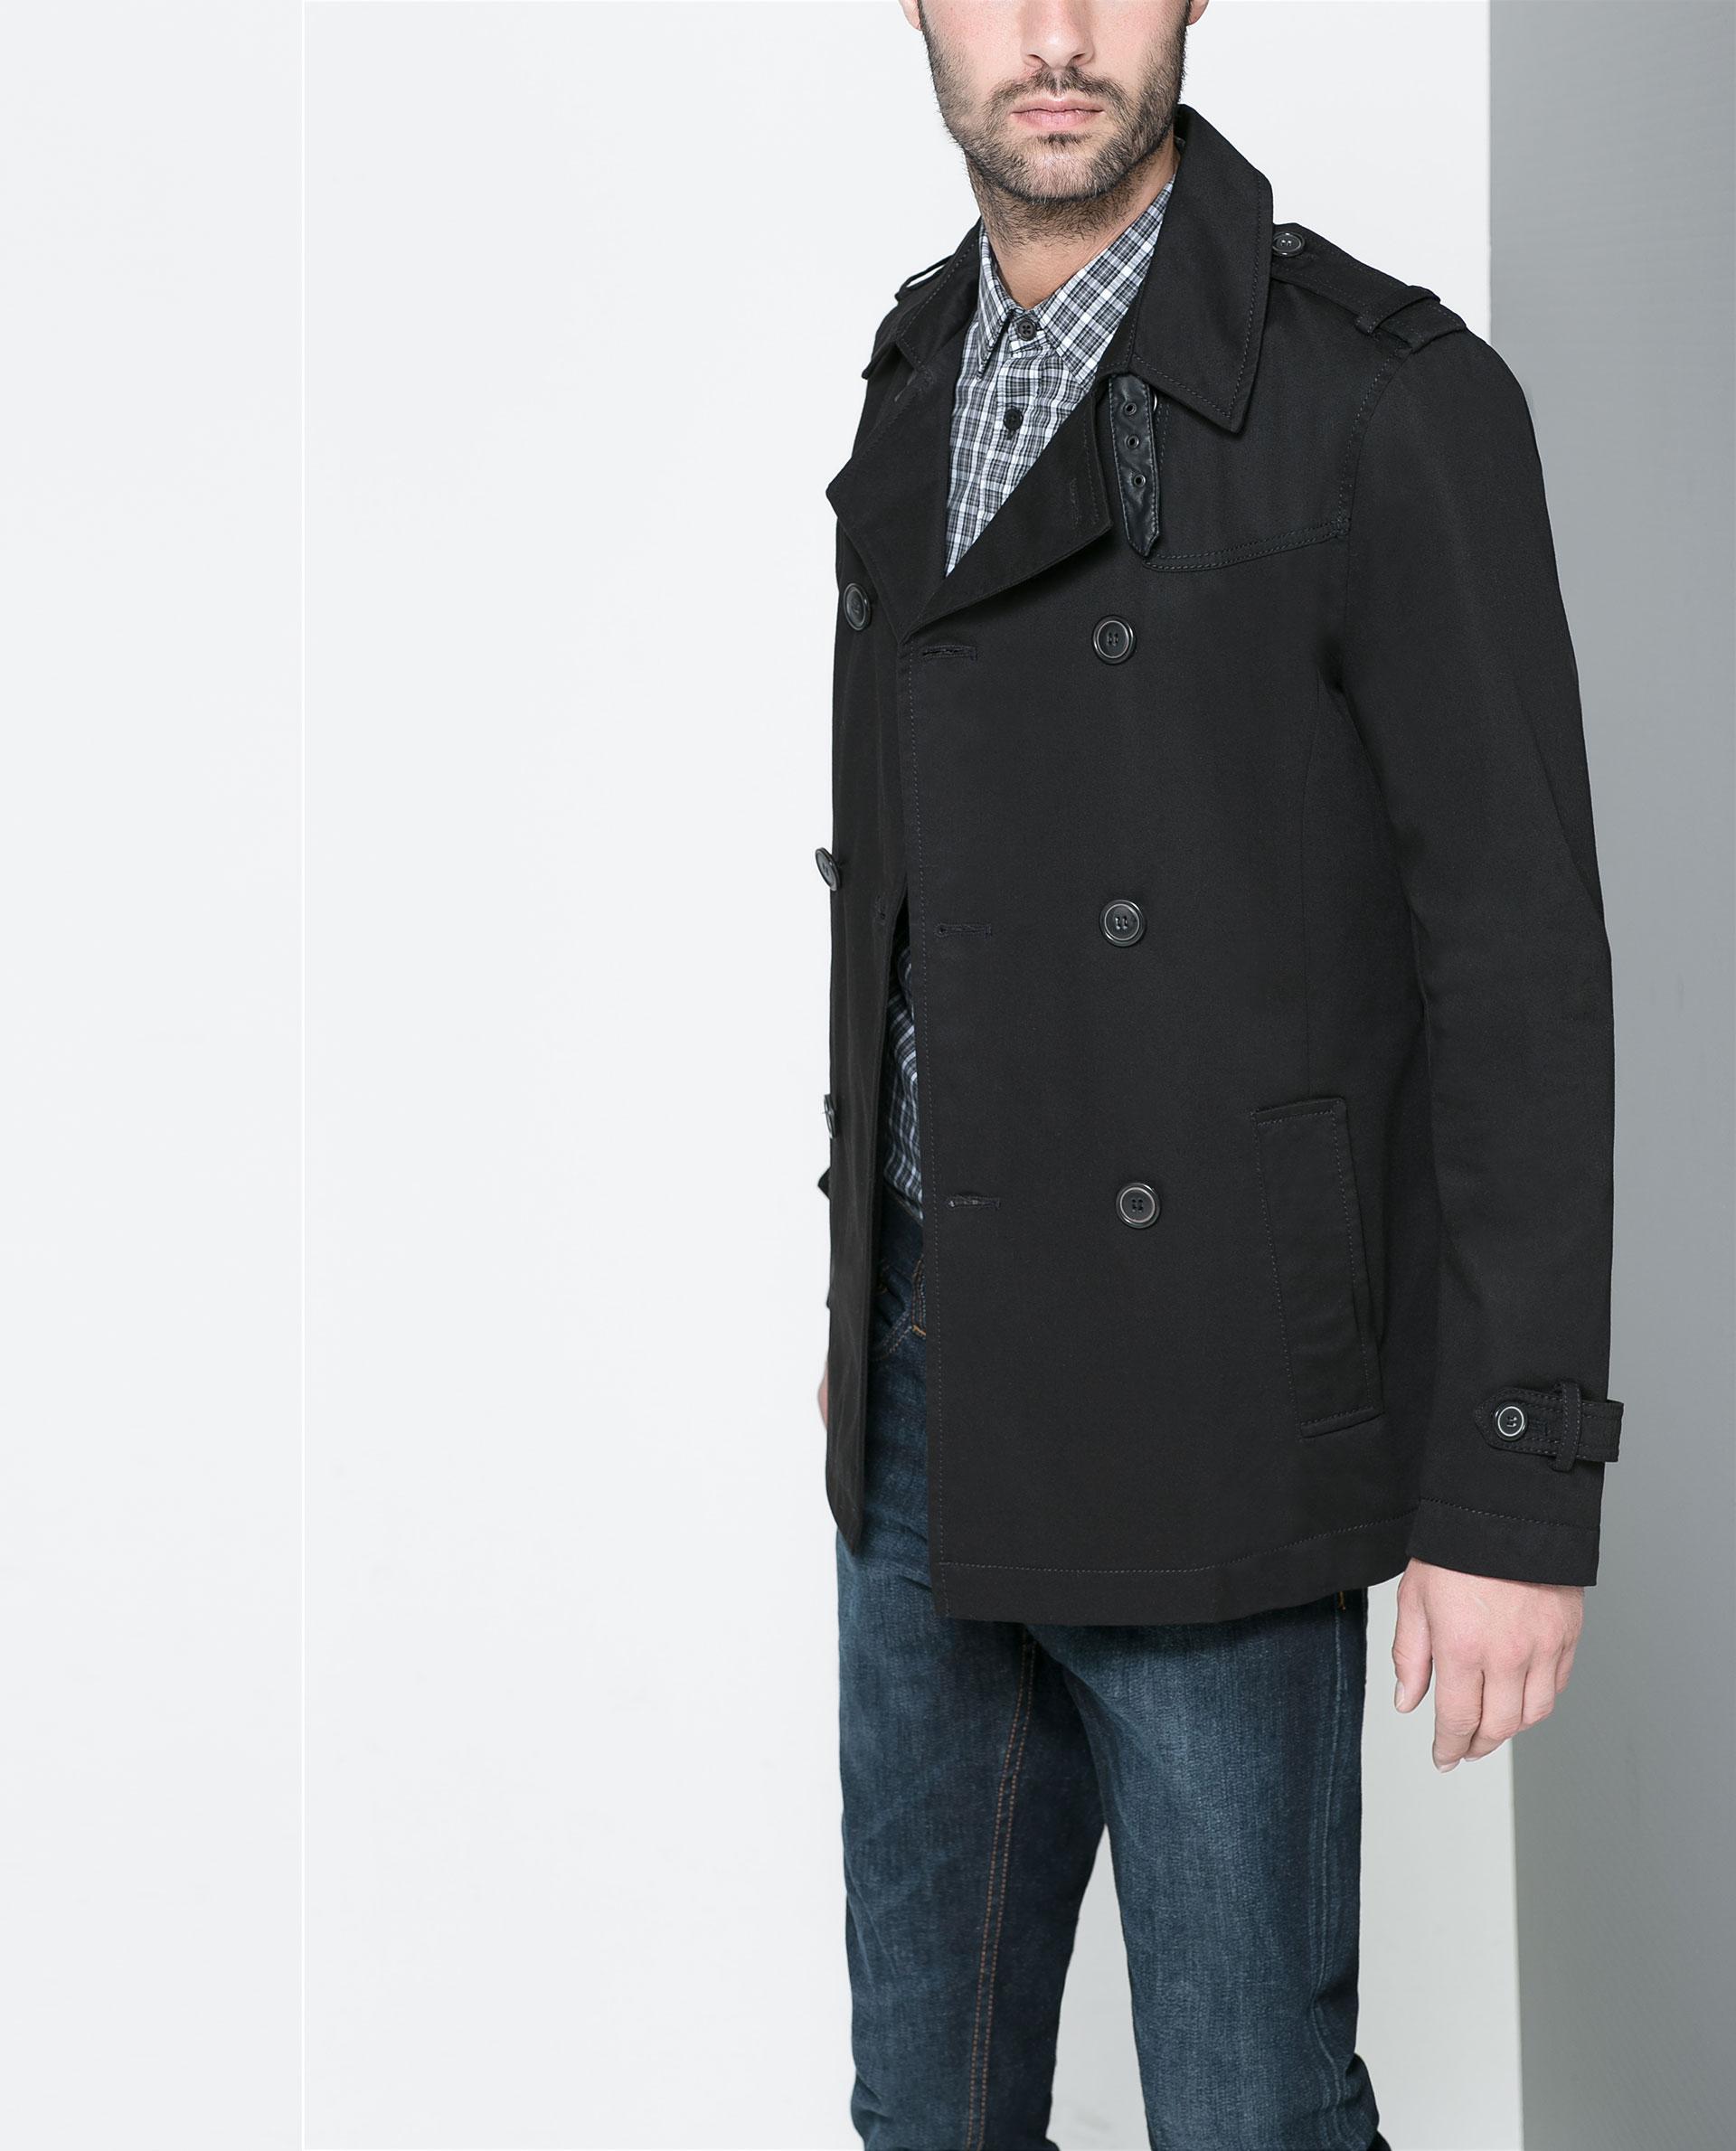 Zara Trench Coat Mens - Tradingbasis